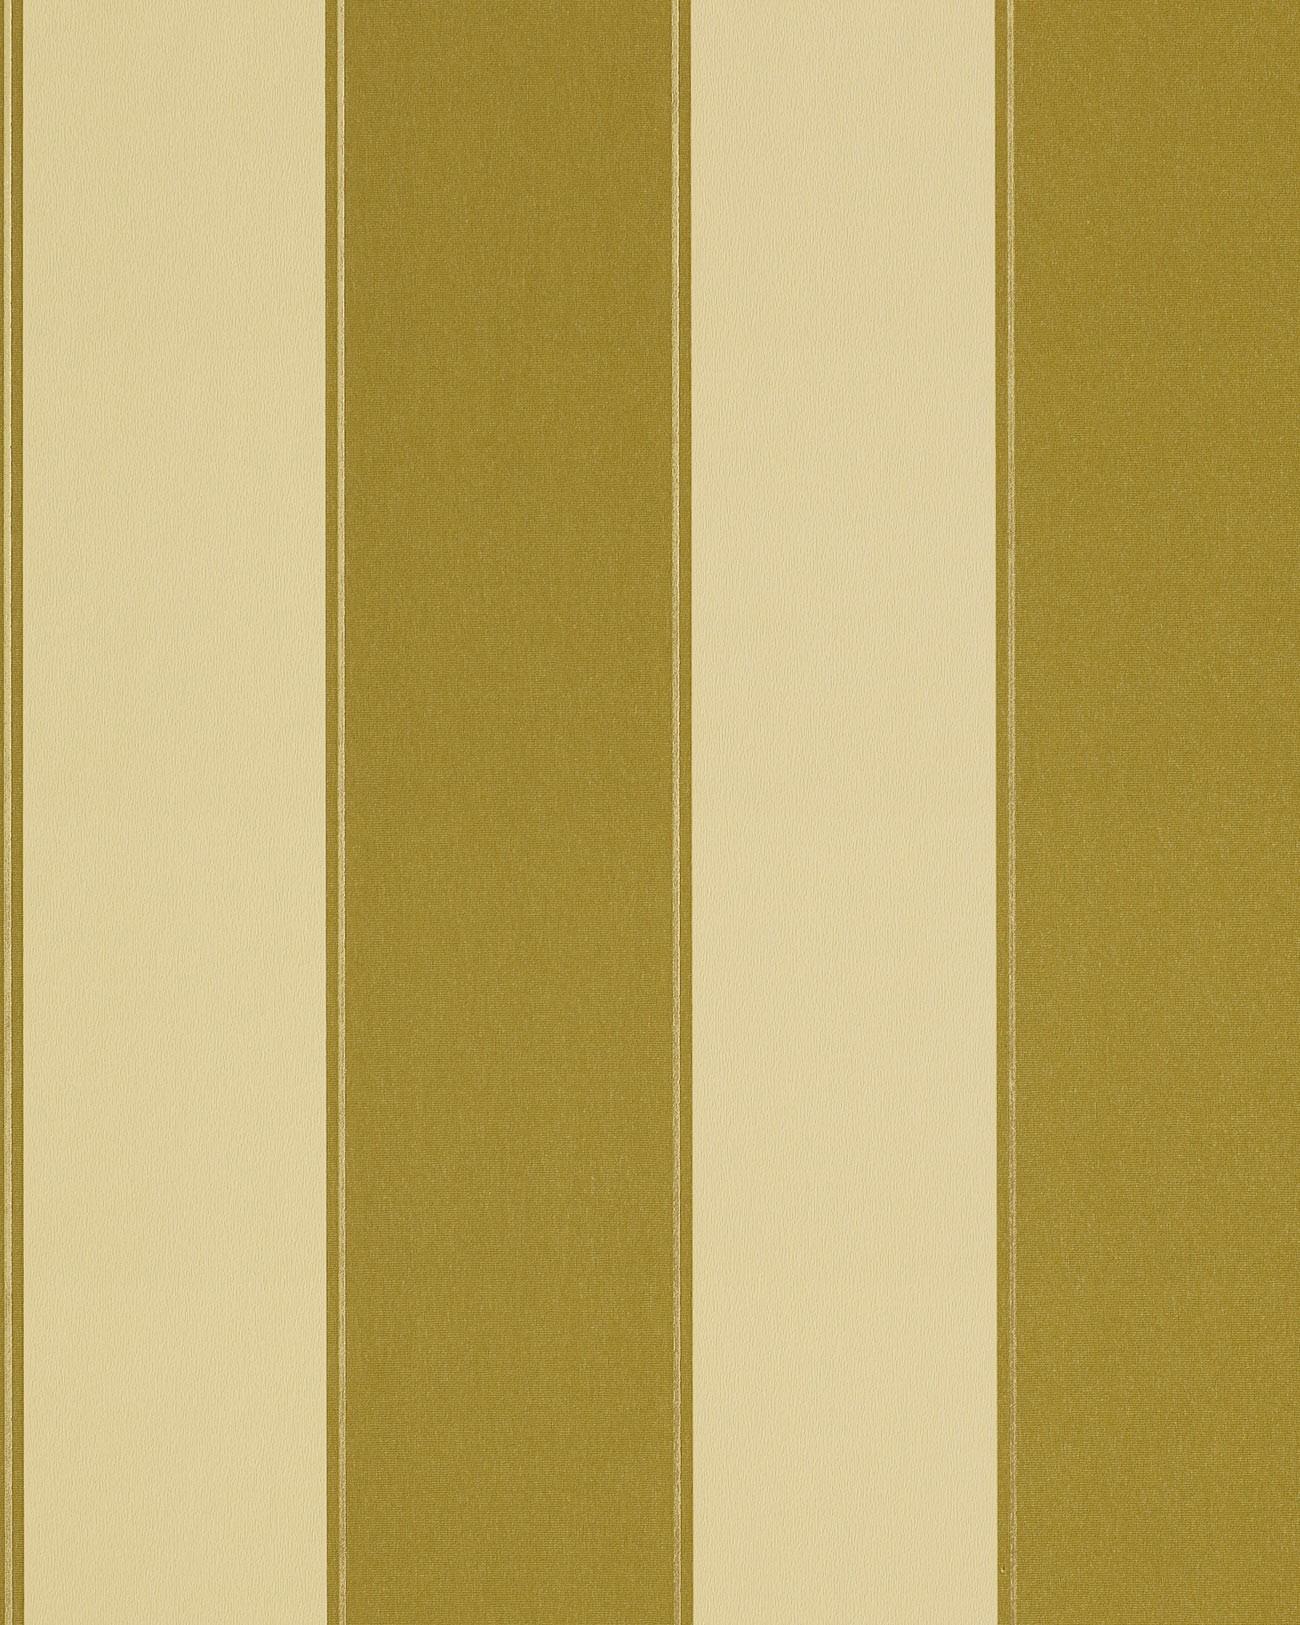 Carta da parati disegno classico EDEM 771-31 a righe colore verde oliva giallo bronzo